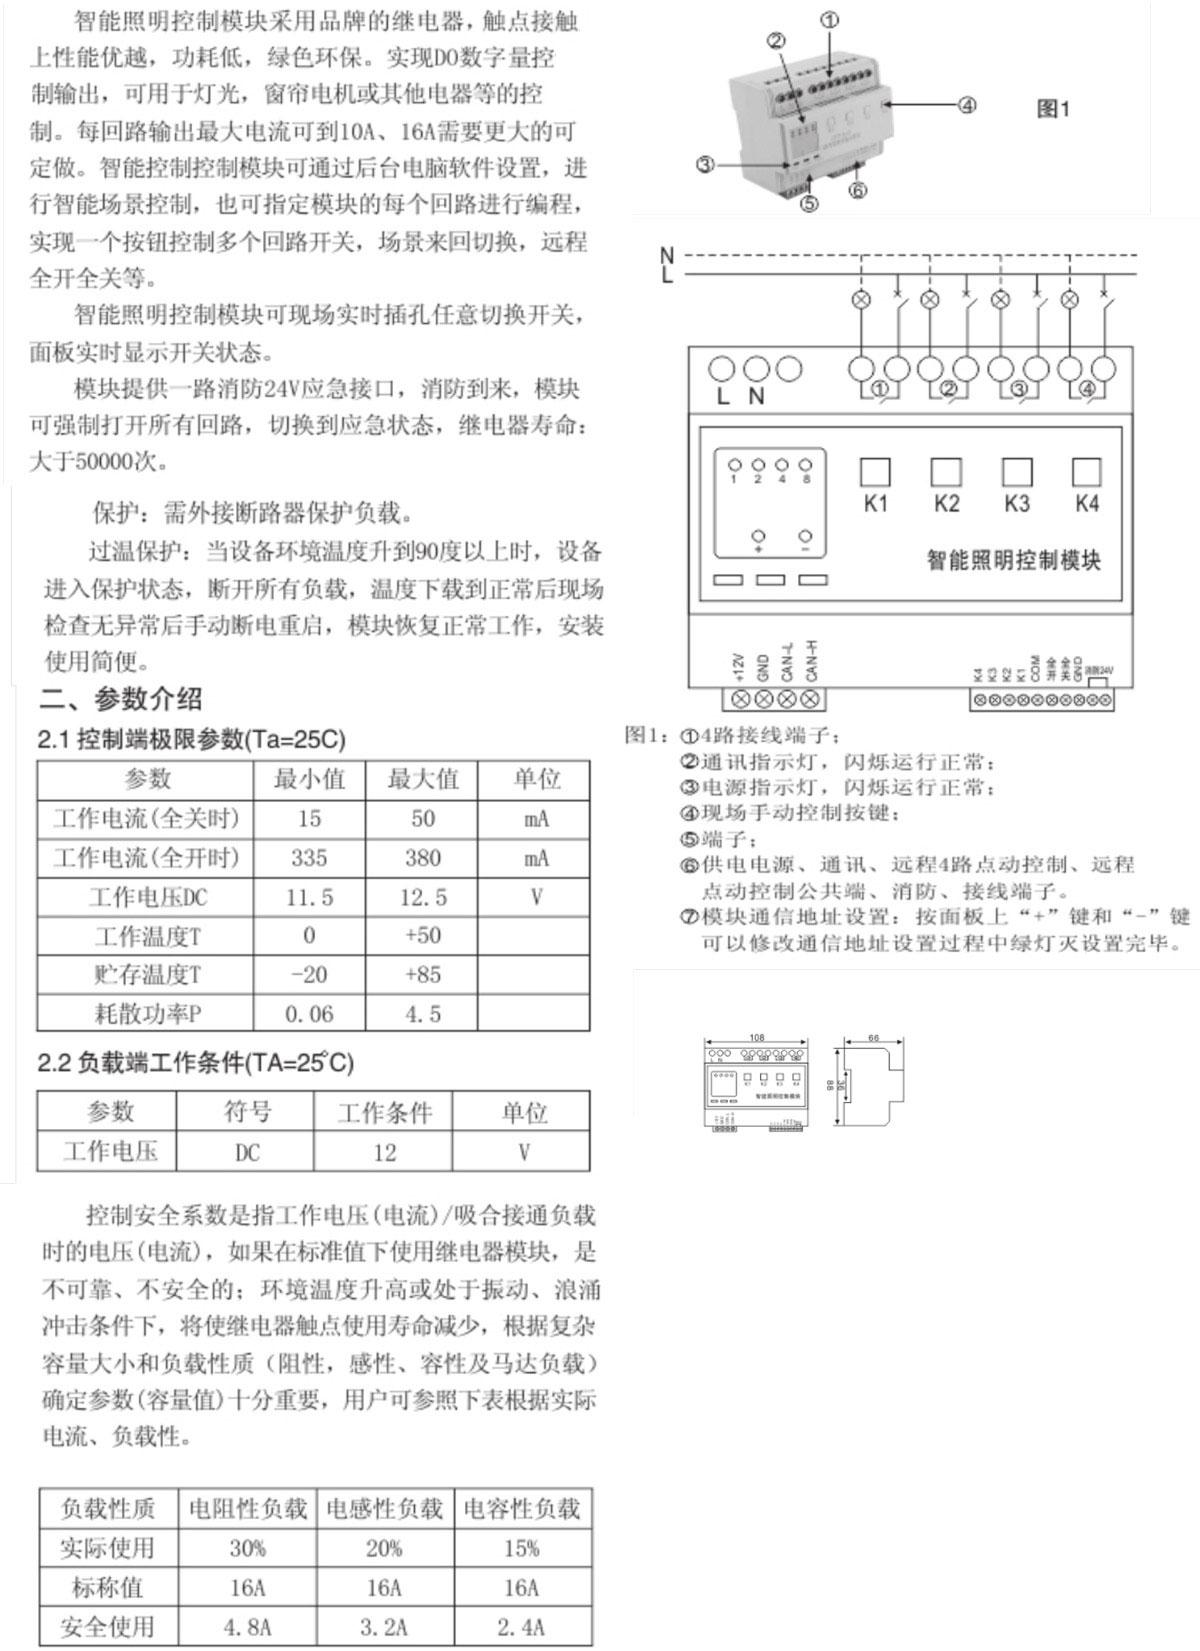 UEEKE-IR-0816智能照明模块参数介绍及负载端工作条件